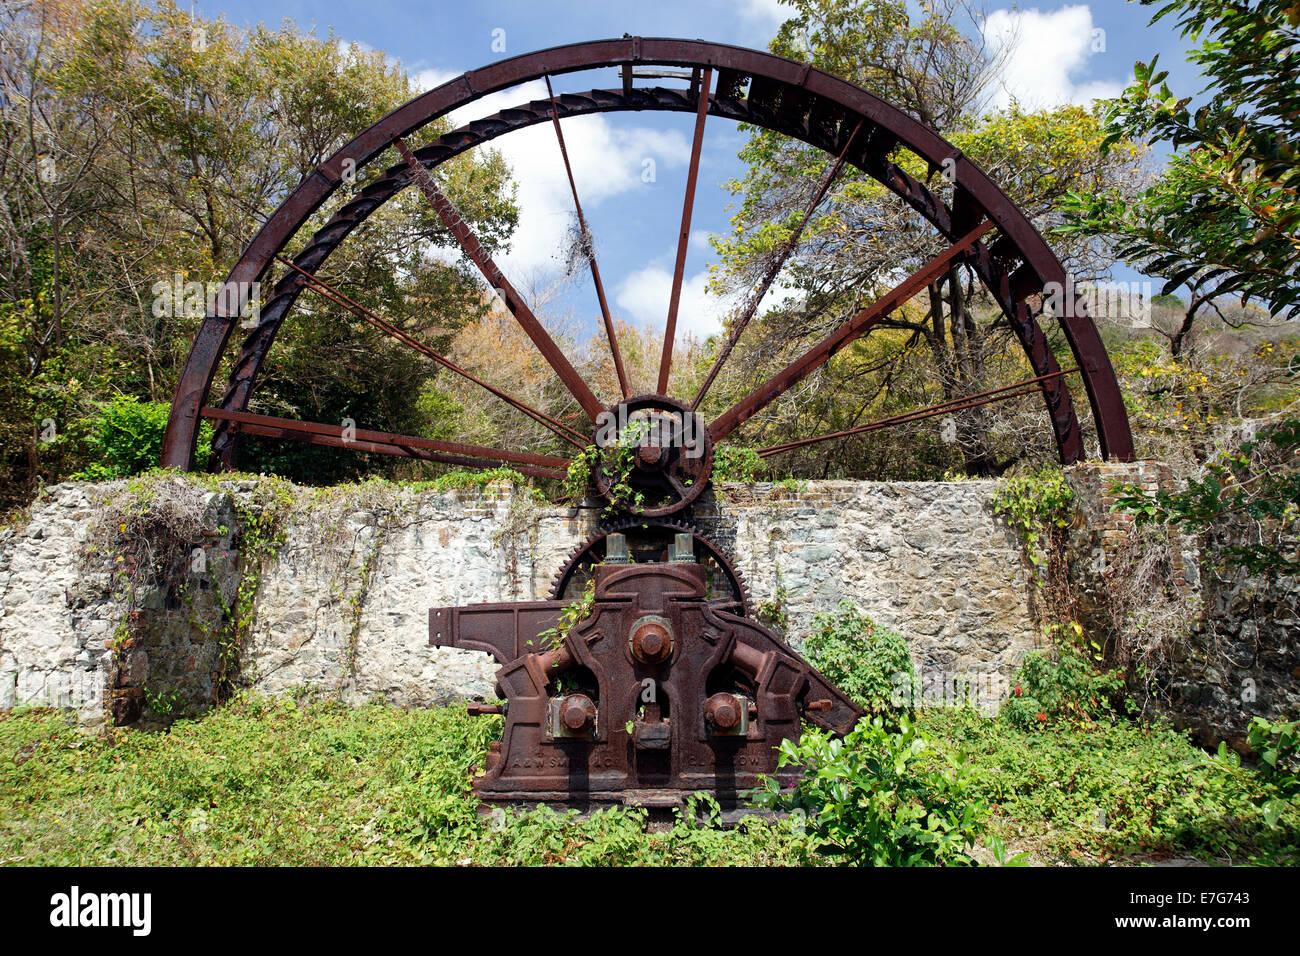 Alte Mühle Zuckerrohr, Mühlrad, verrostet, Trinidad und Tobago Stockbild